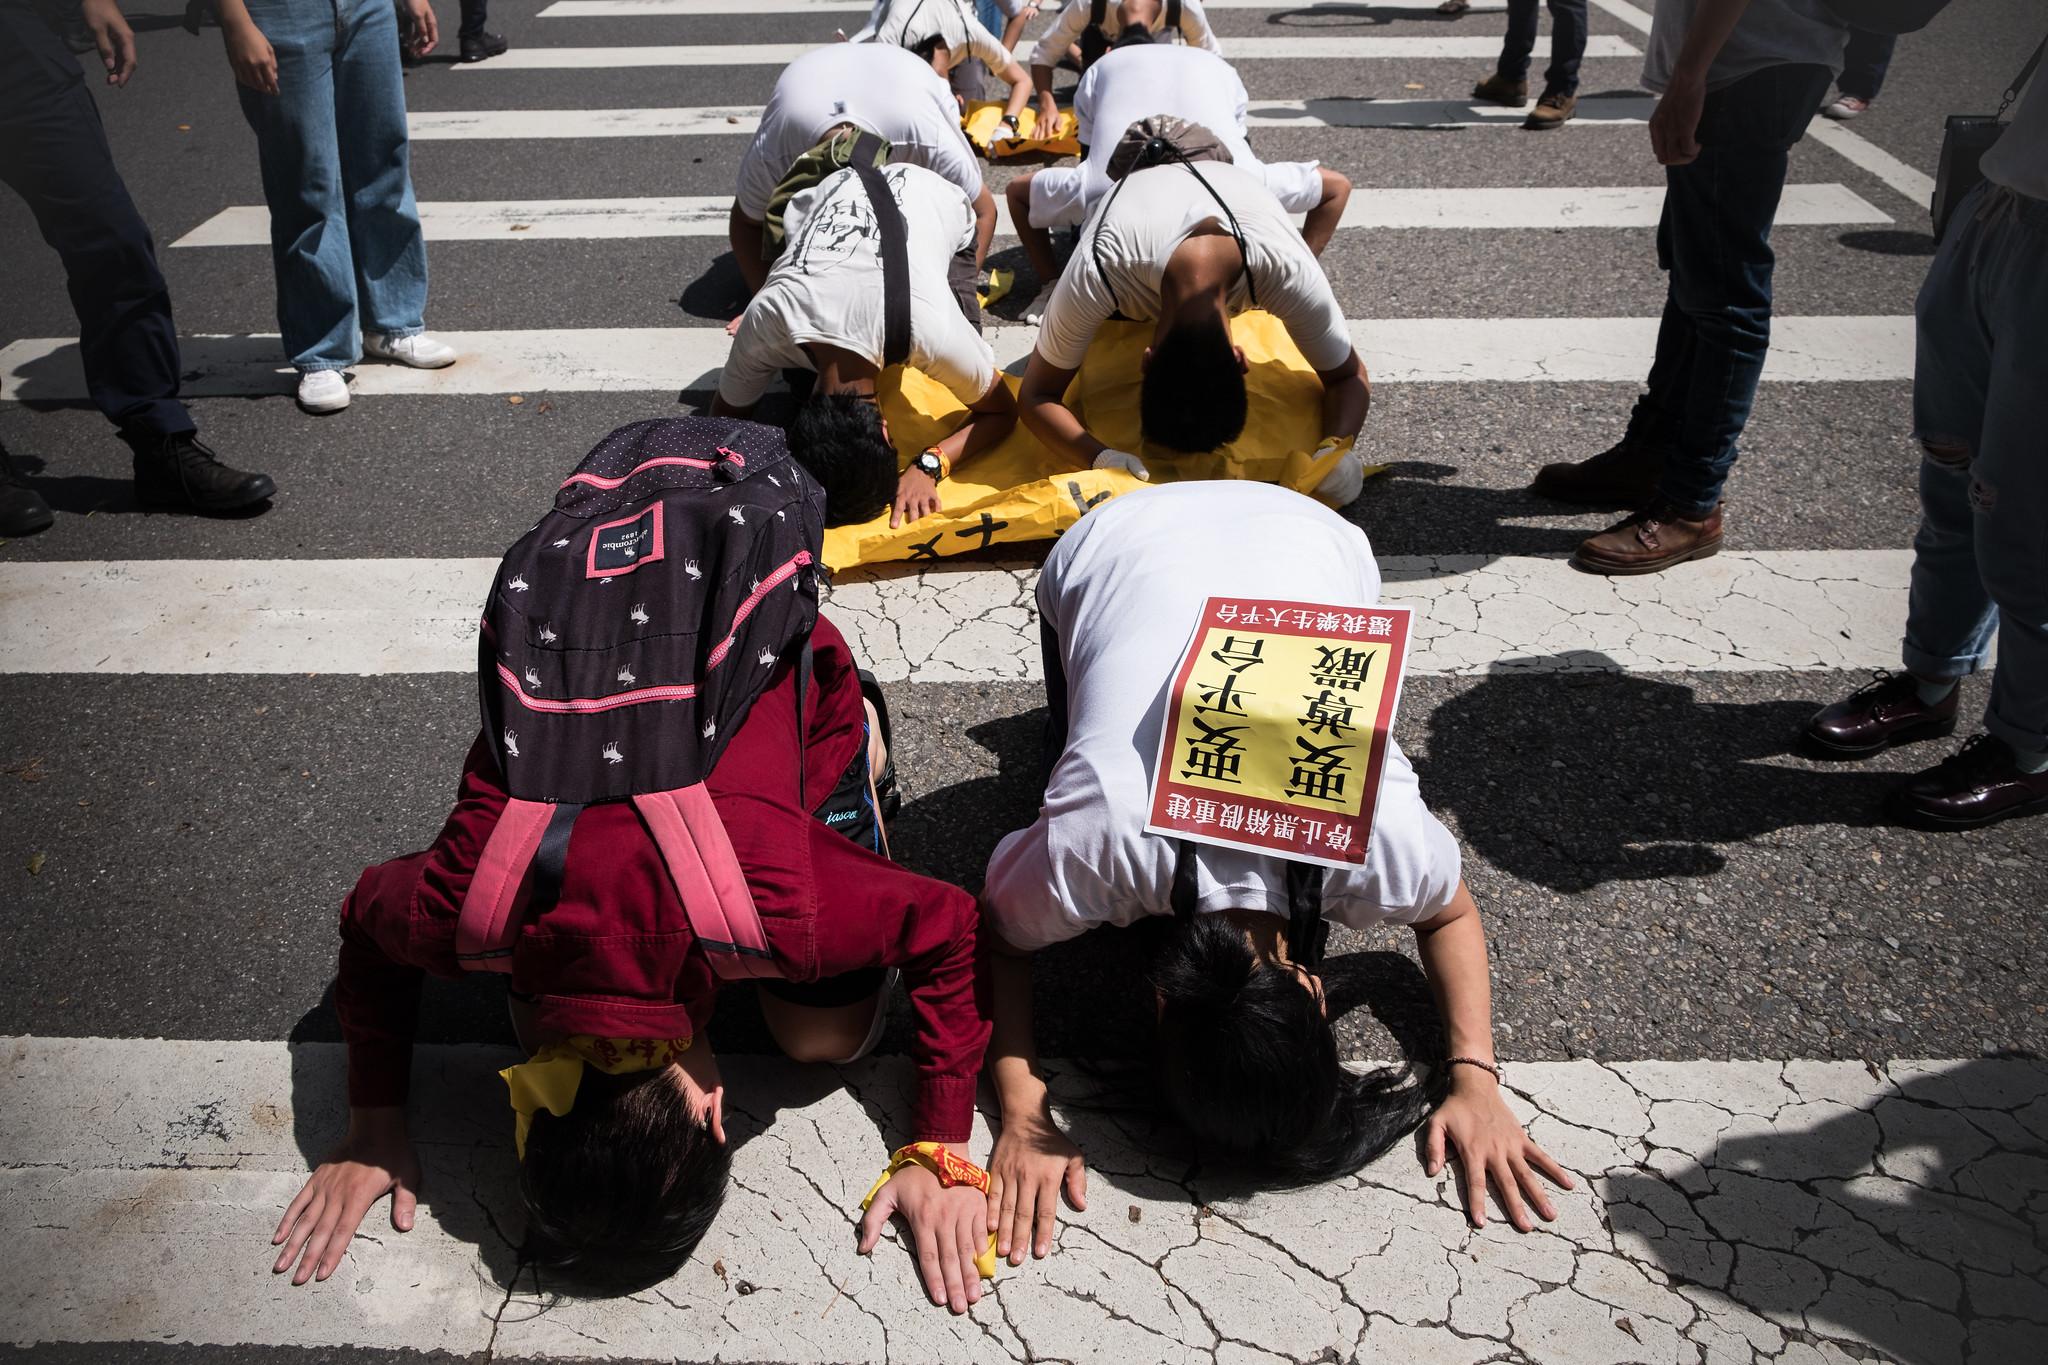 在行政院被強迫解散後,樂青轉往凱道展開六步一跪。(攝影:唐佐欣)